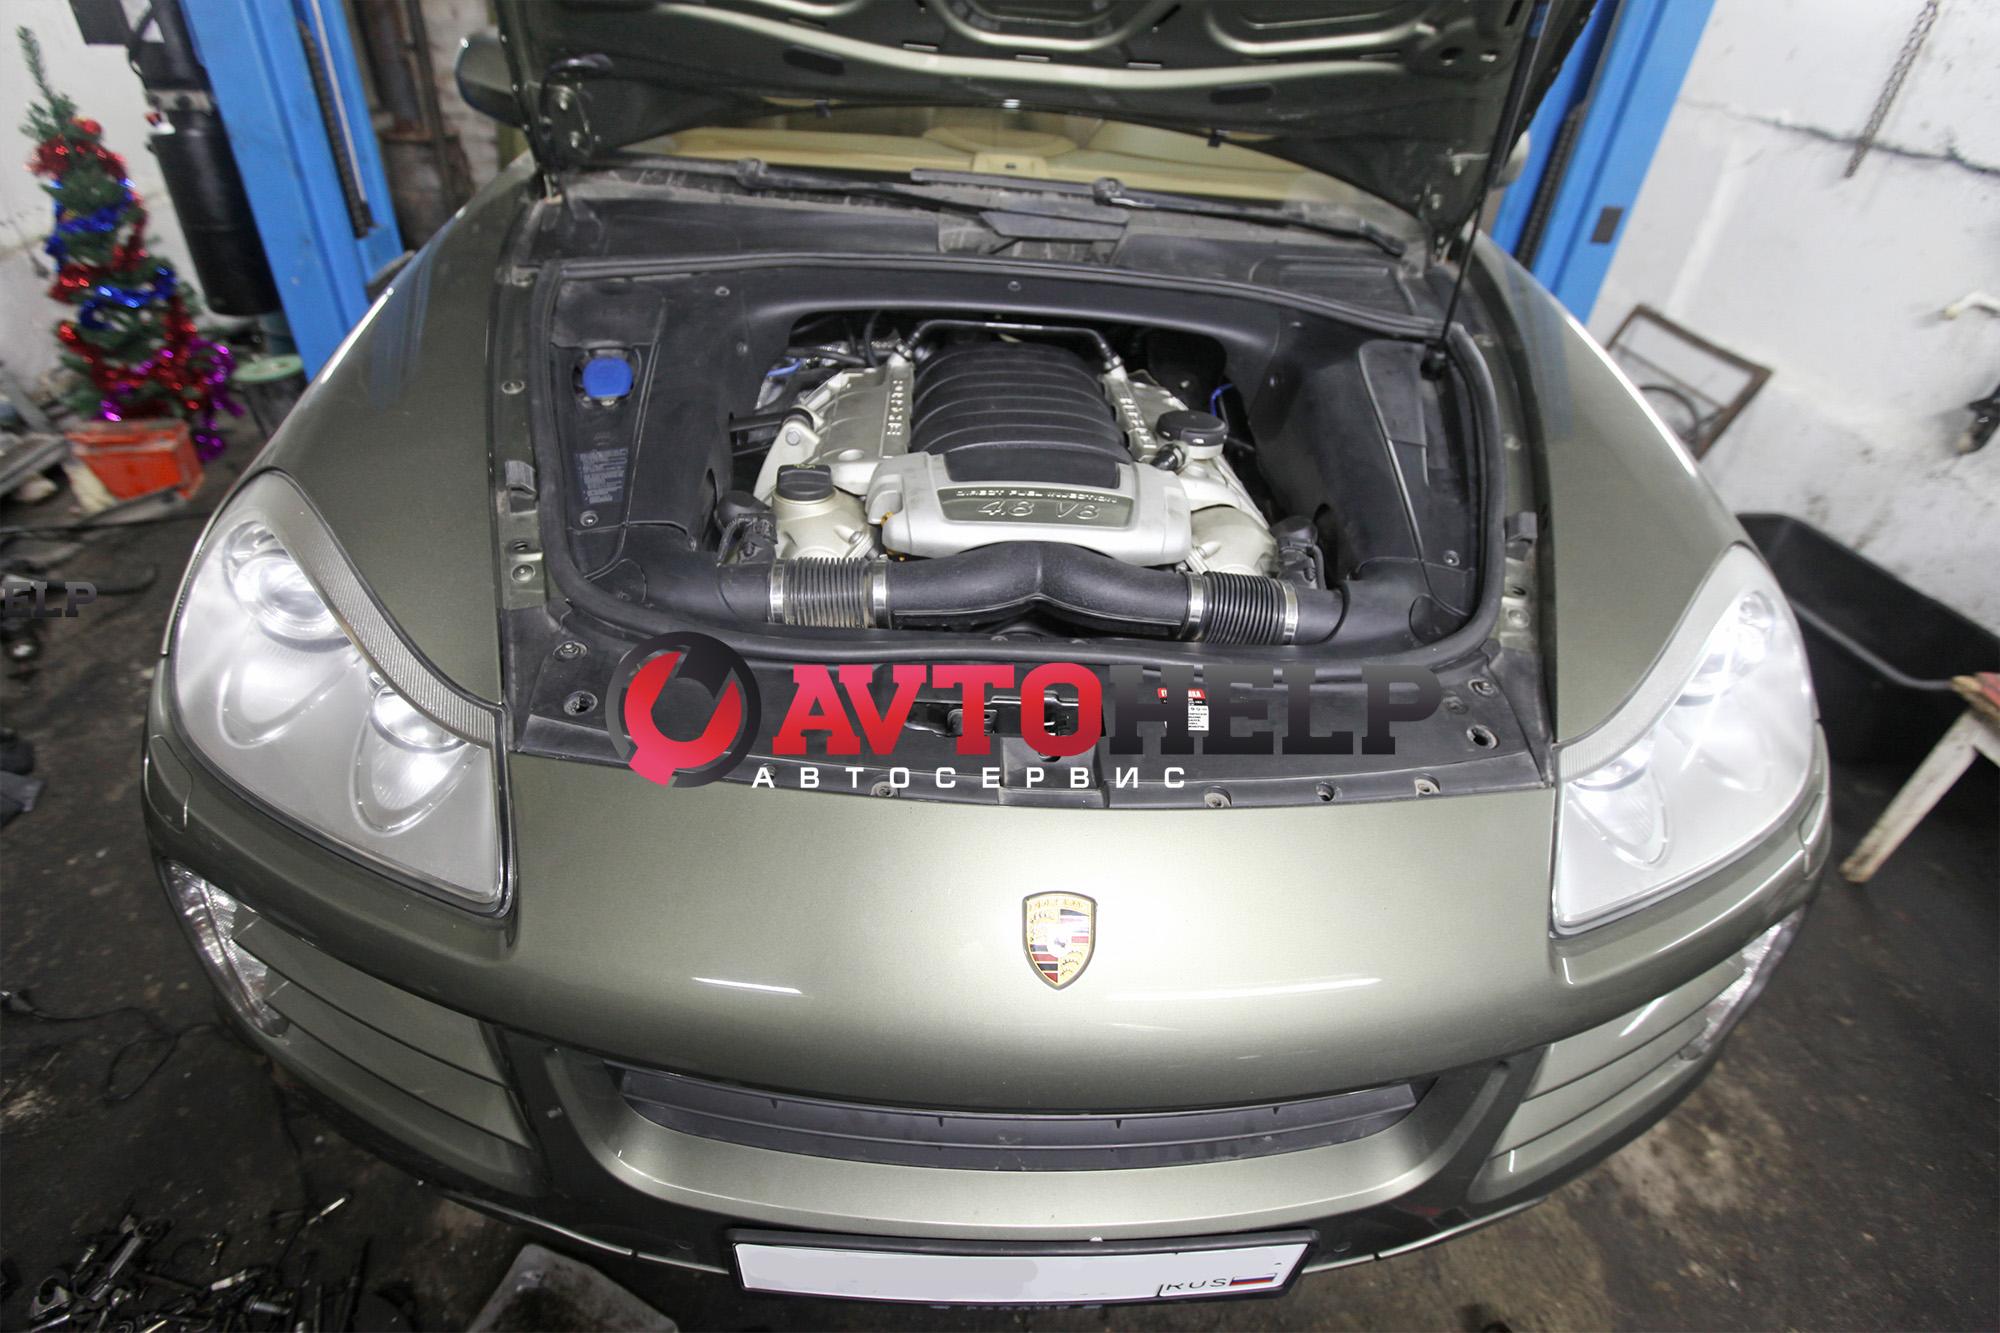 Капитальный ремонт двигателя Porsche Cayenne, капиталка порш каен, новосибирск